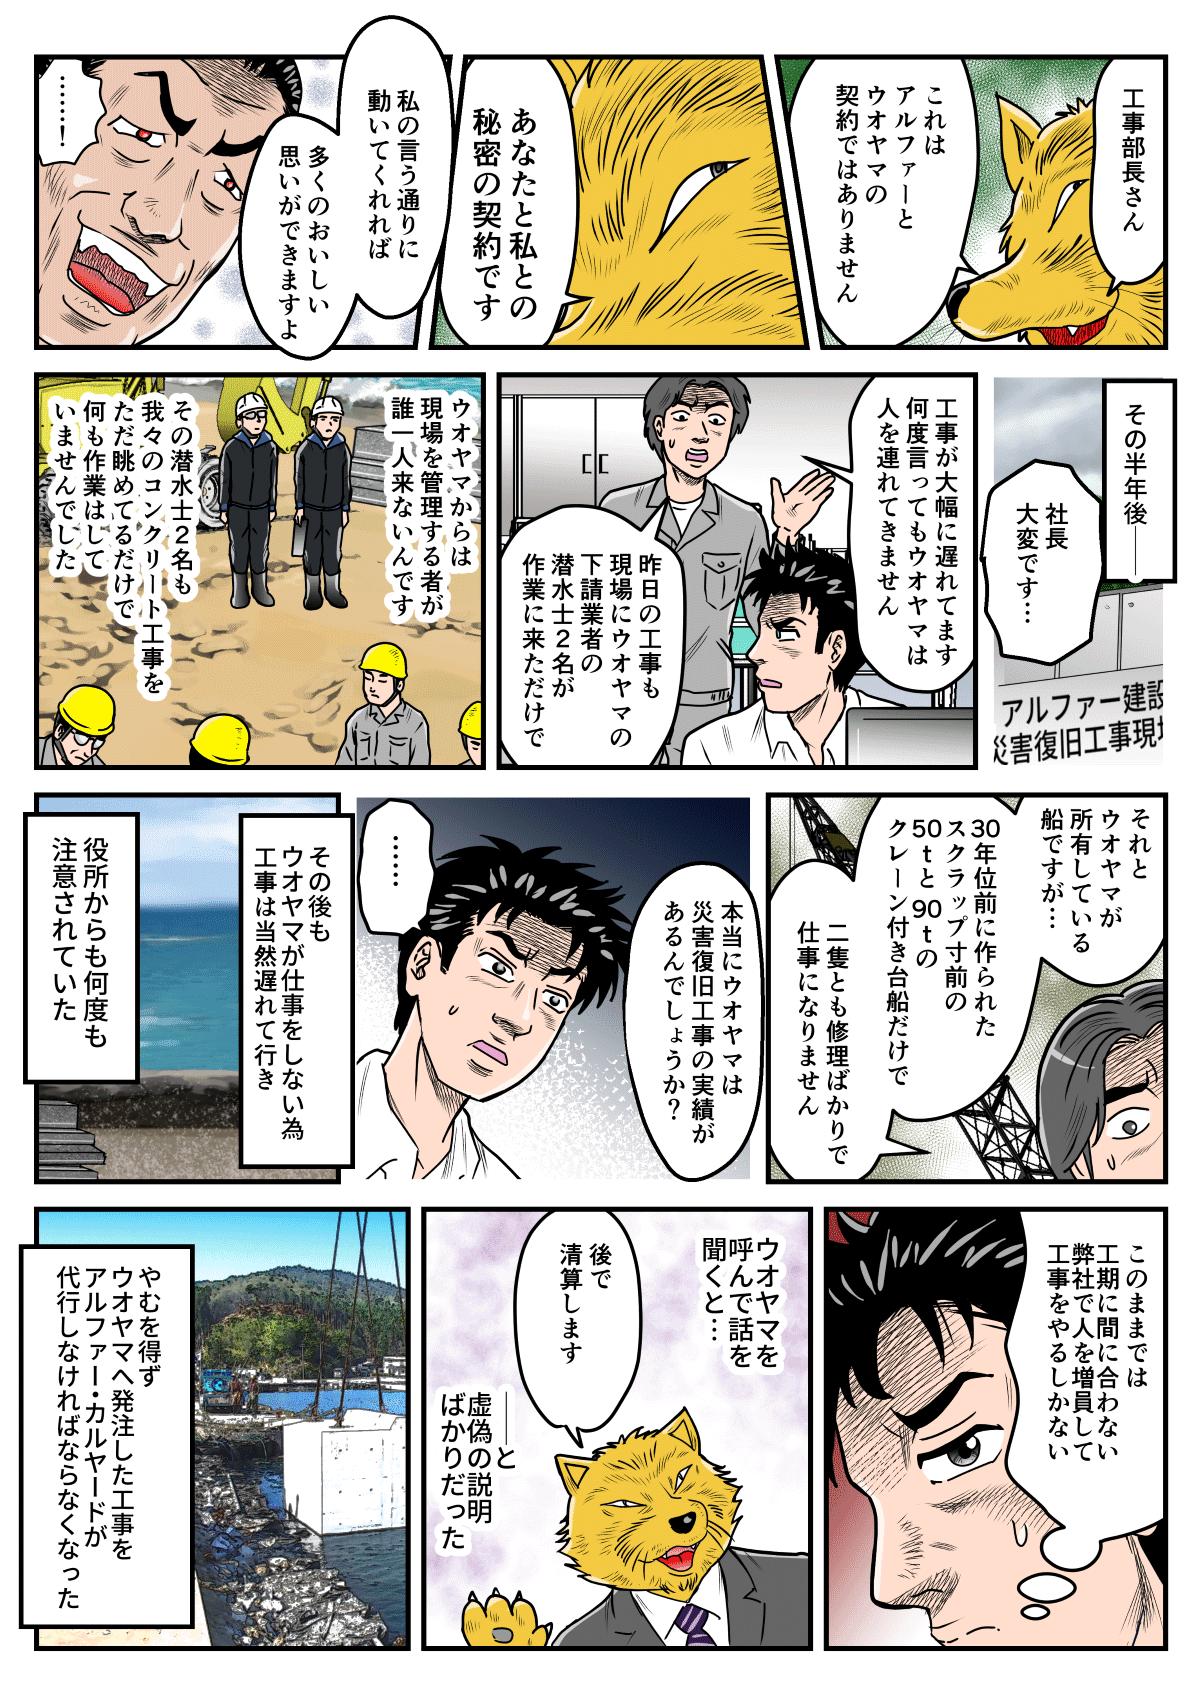 uoyama01_02